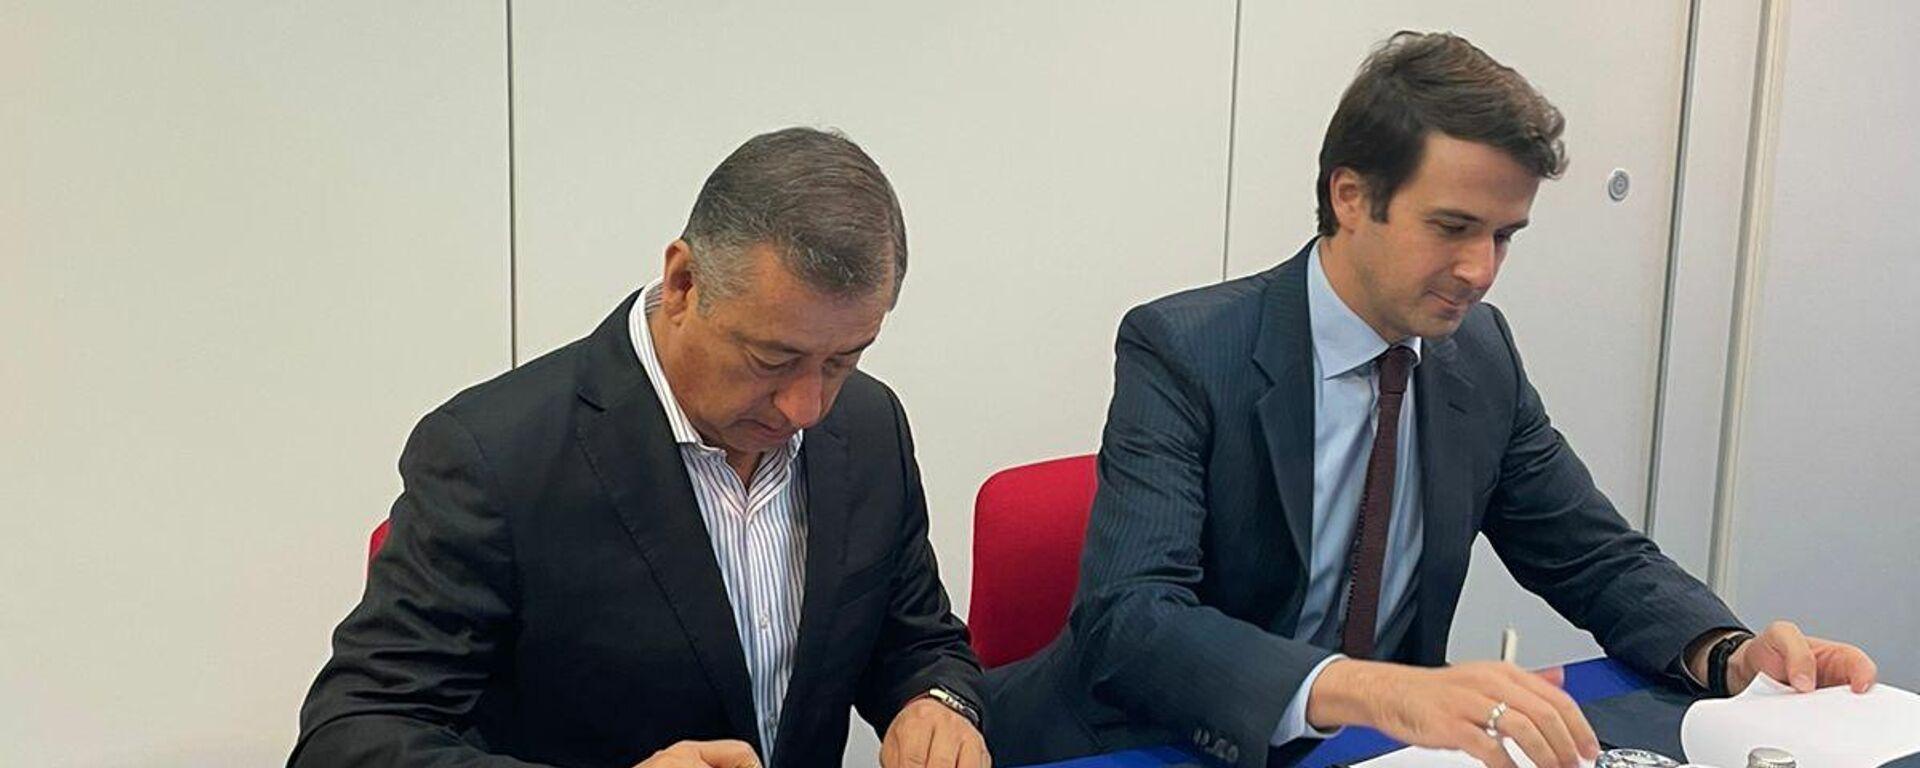 El director de Birmex, Pedro Zenteno Santella, firmando el acuerdo junto a Azer Mamedov, uno de los directores del RDIF - Sputnik Mundo, 1920, 14.10.2021